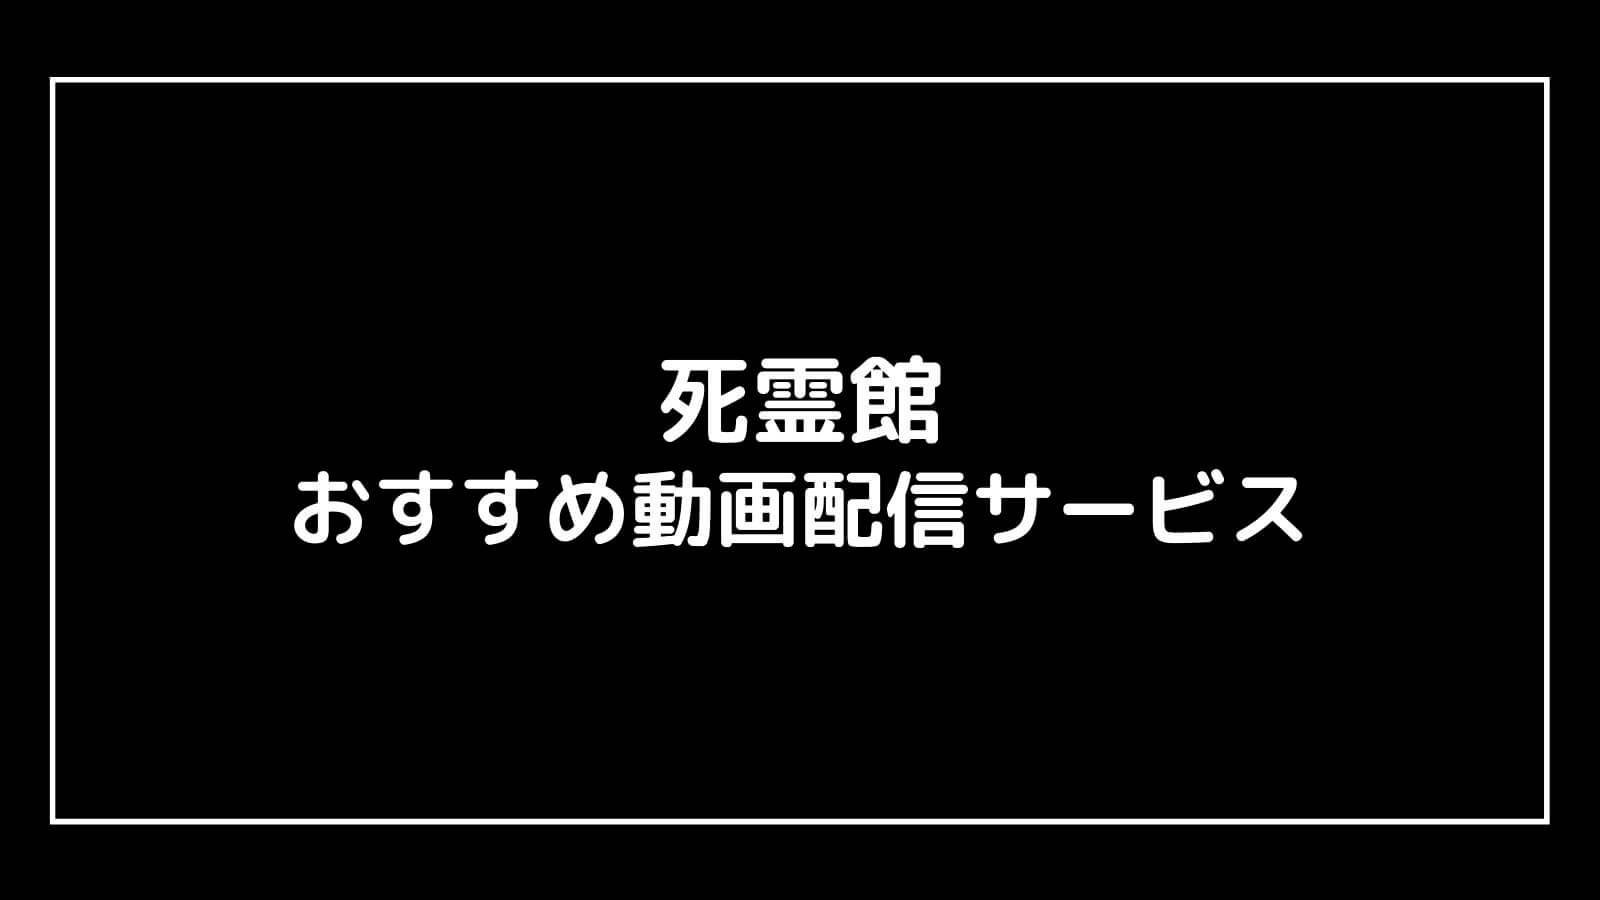 映画『死霊館』の無料配信を視聴できるおすすめ動画サイト【最新作の割引券あり】